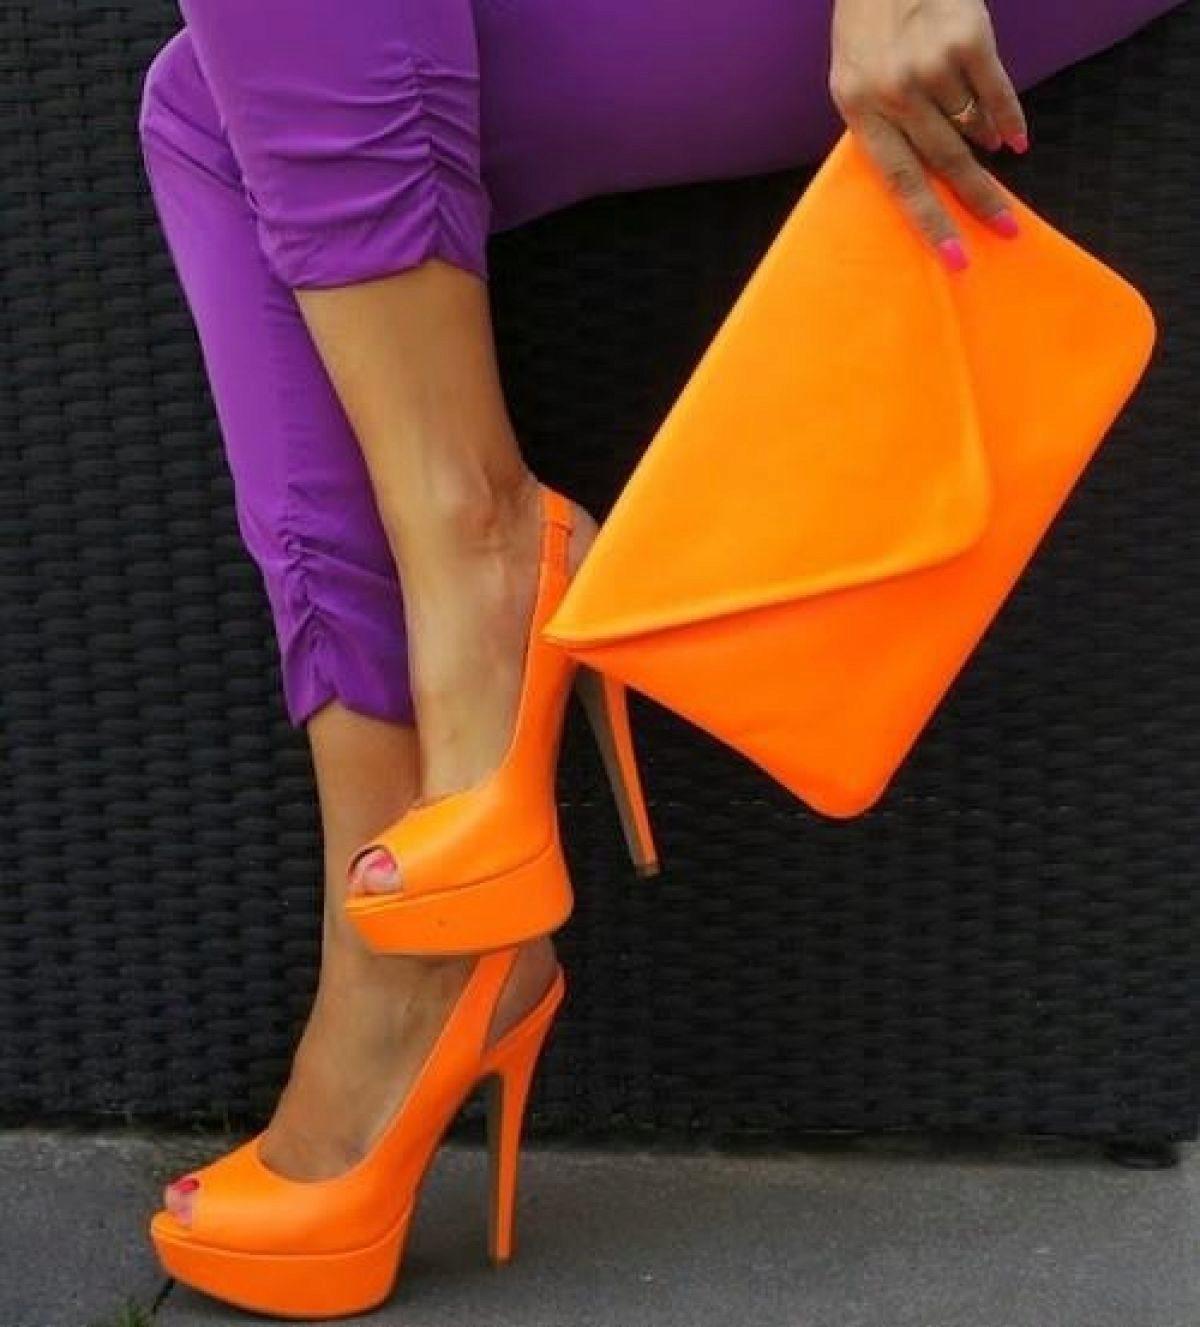 рамках во сне видеть оранжевые туфли на каблуке вашему вниманию